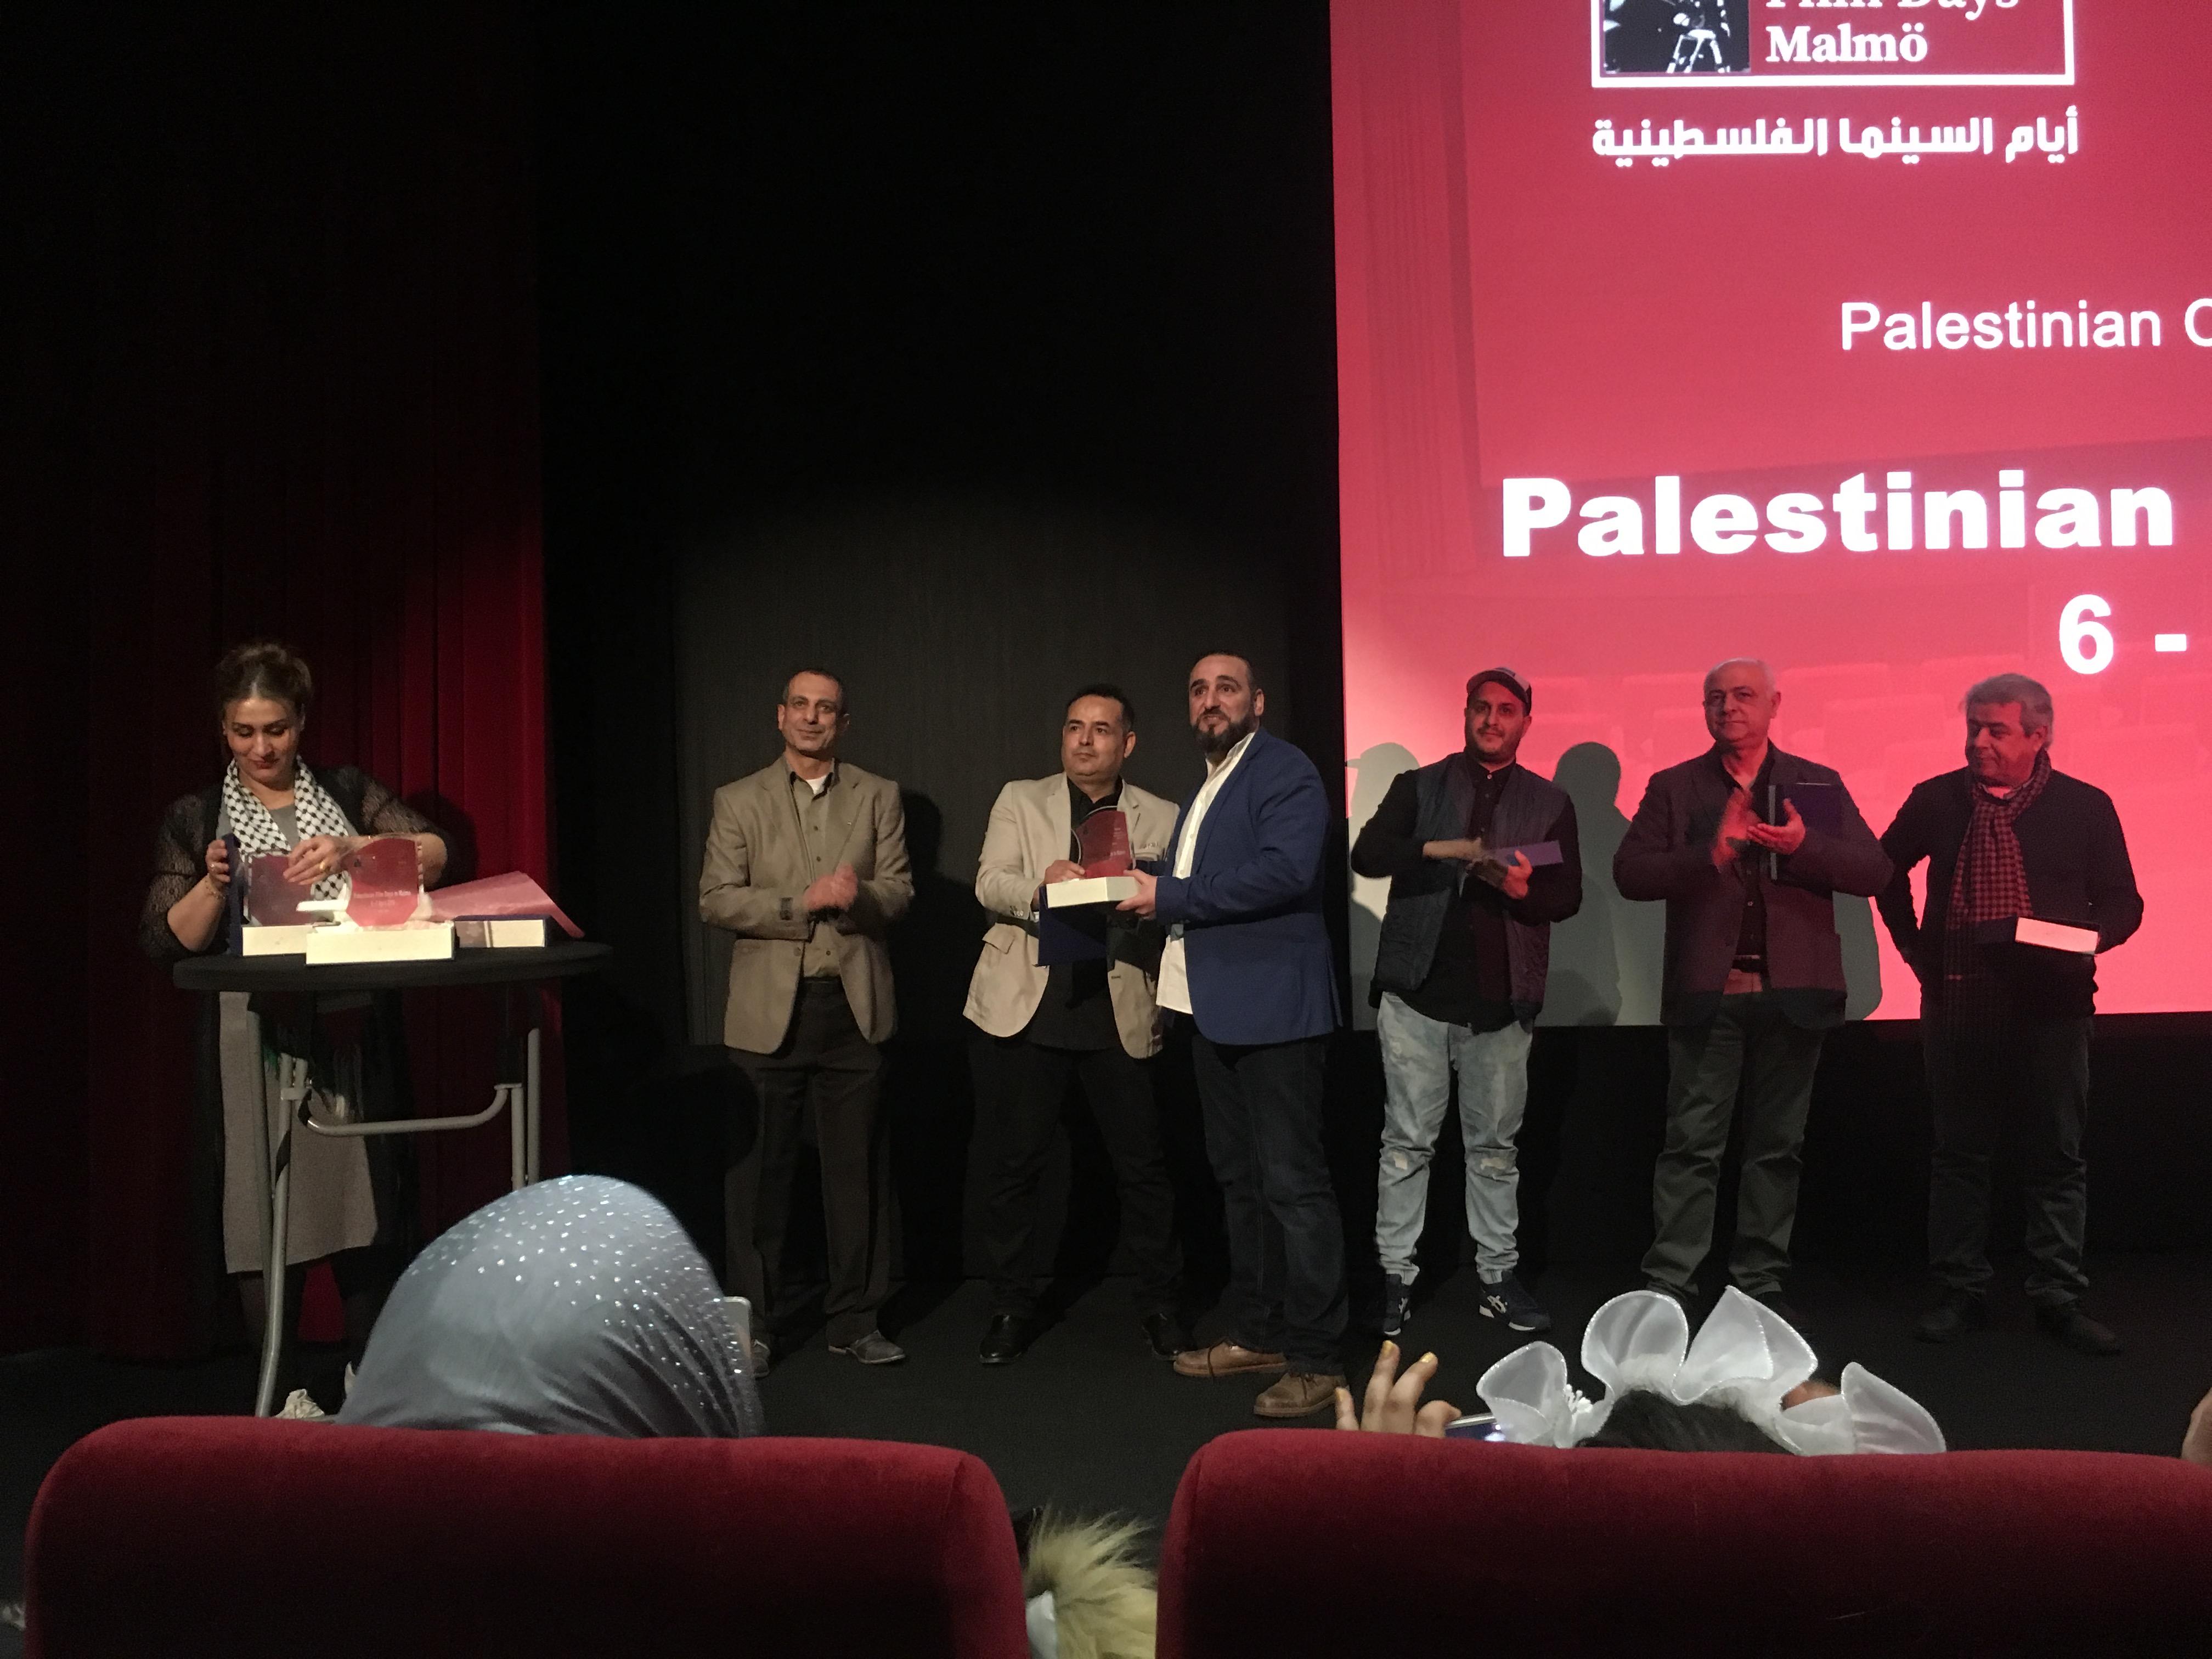 اختتام فعاليات الدورة الثانية من أيام السينما الفلسطينية في مالمو